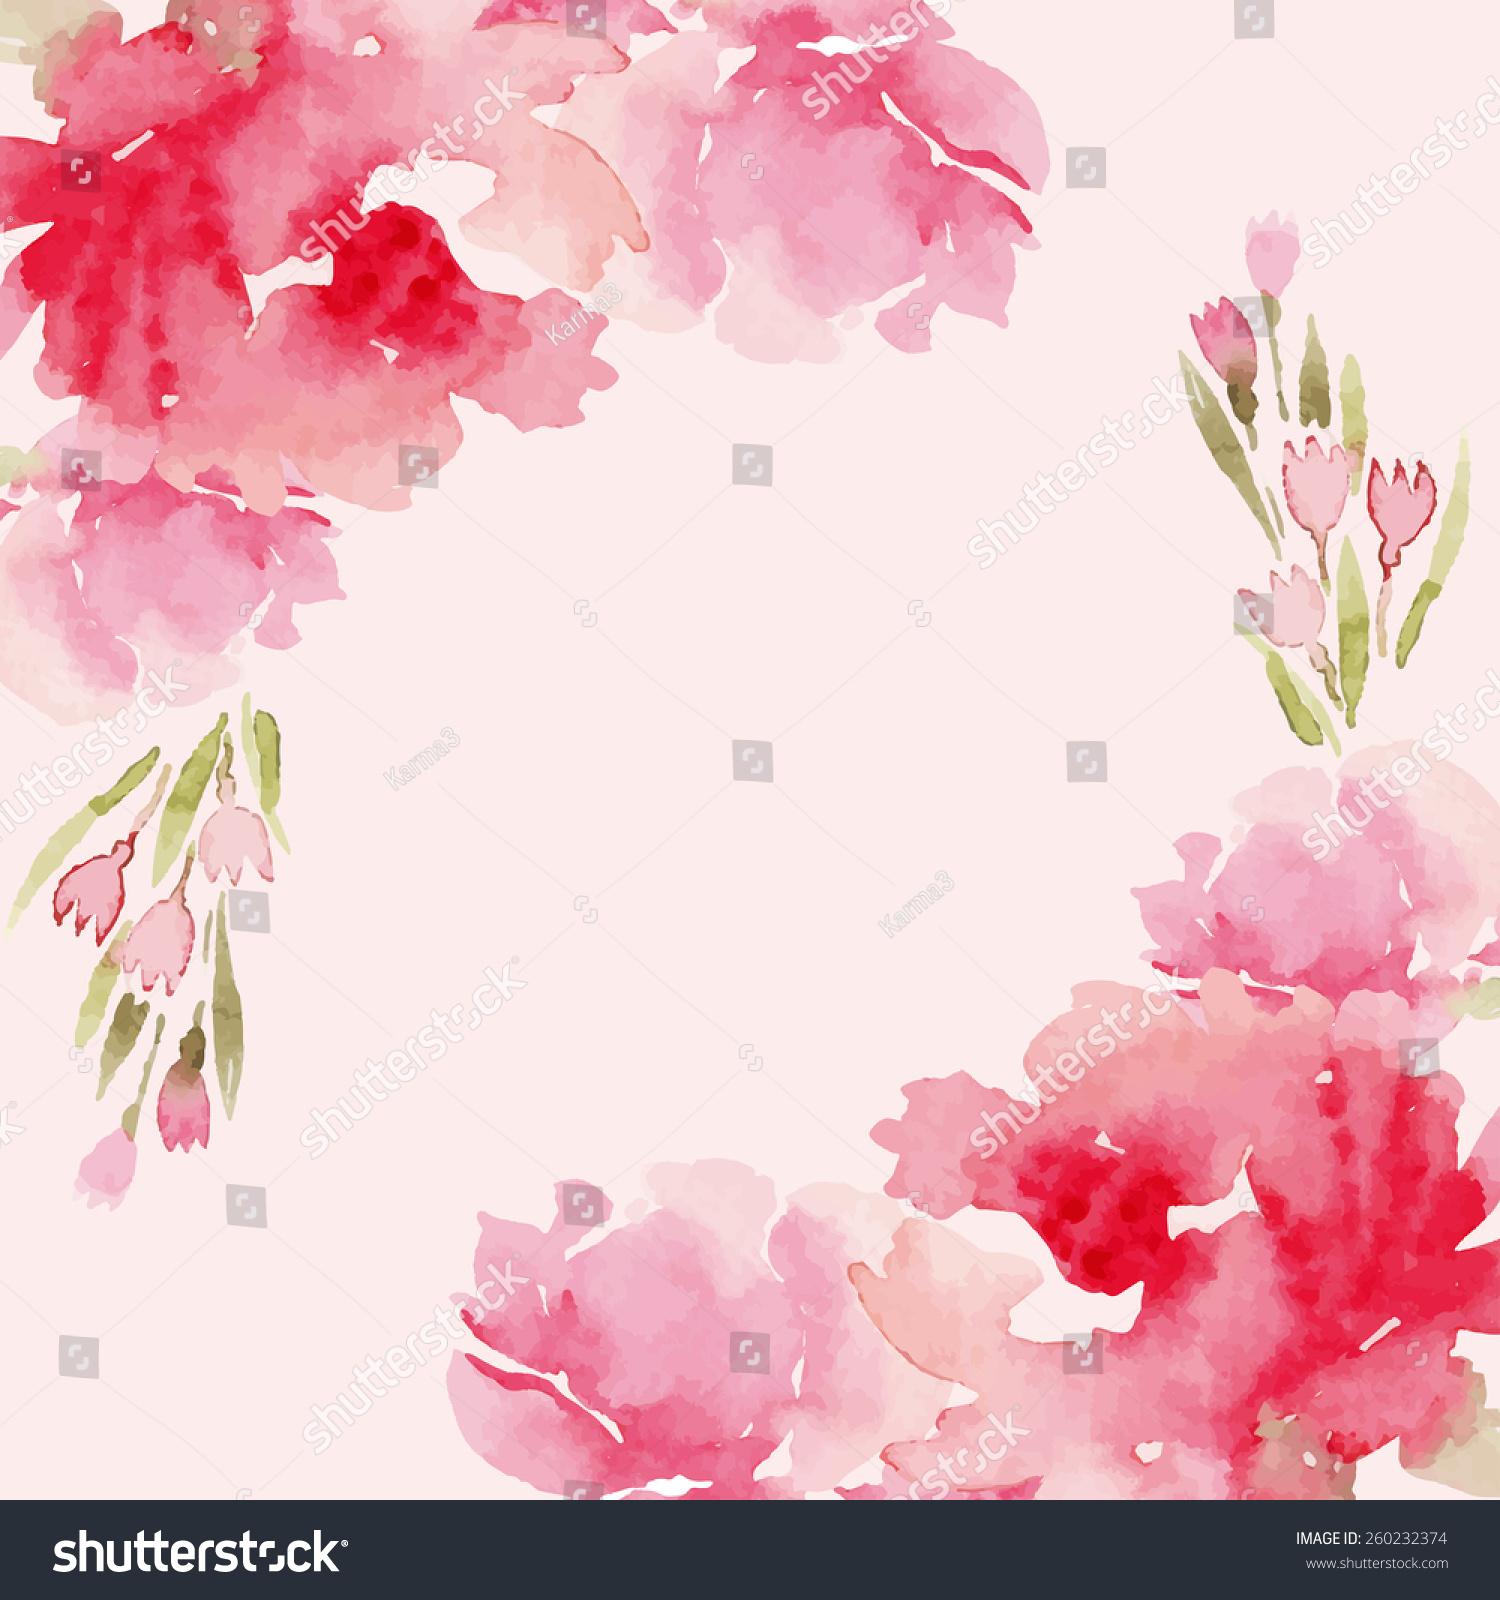 Watercolor flowers peonies handmade greeting cards stock vector handmade greeting cards spring composition kristyandbryce Images